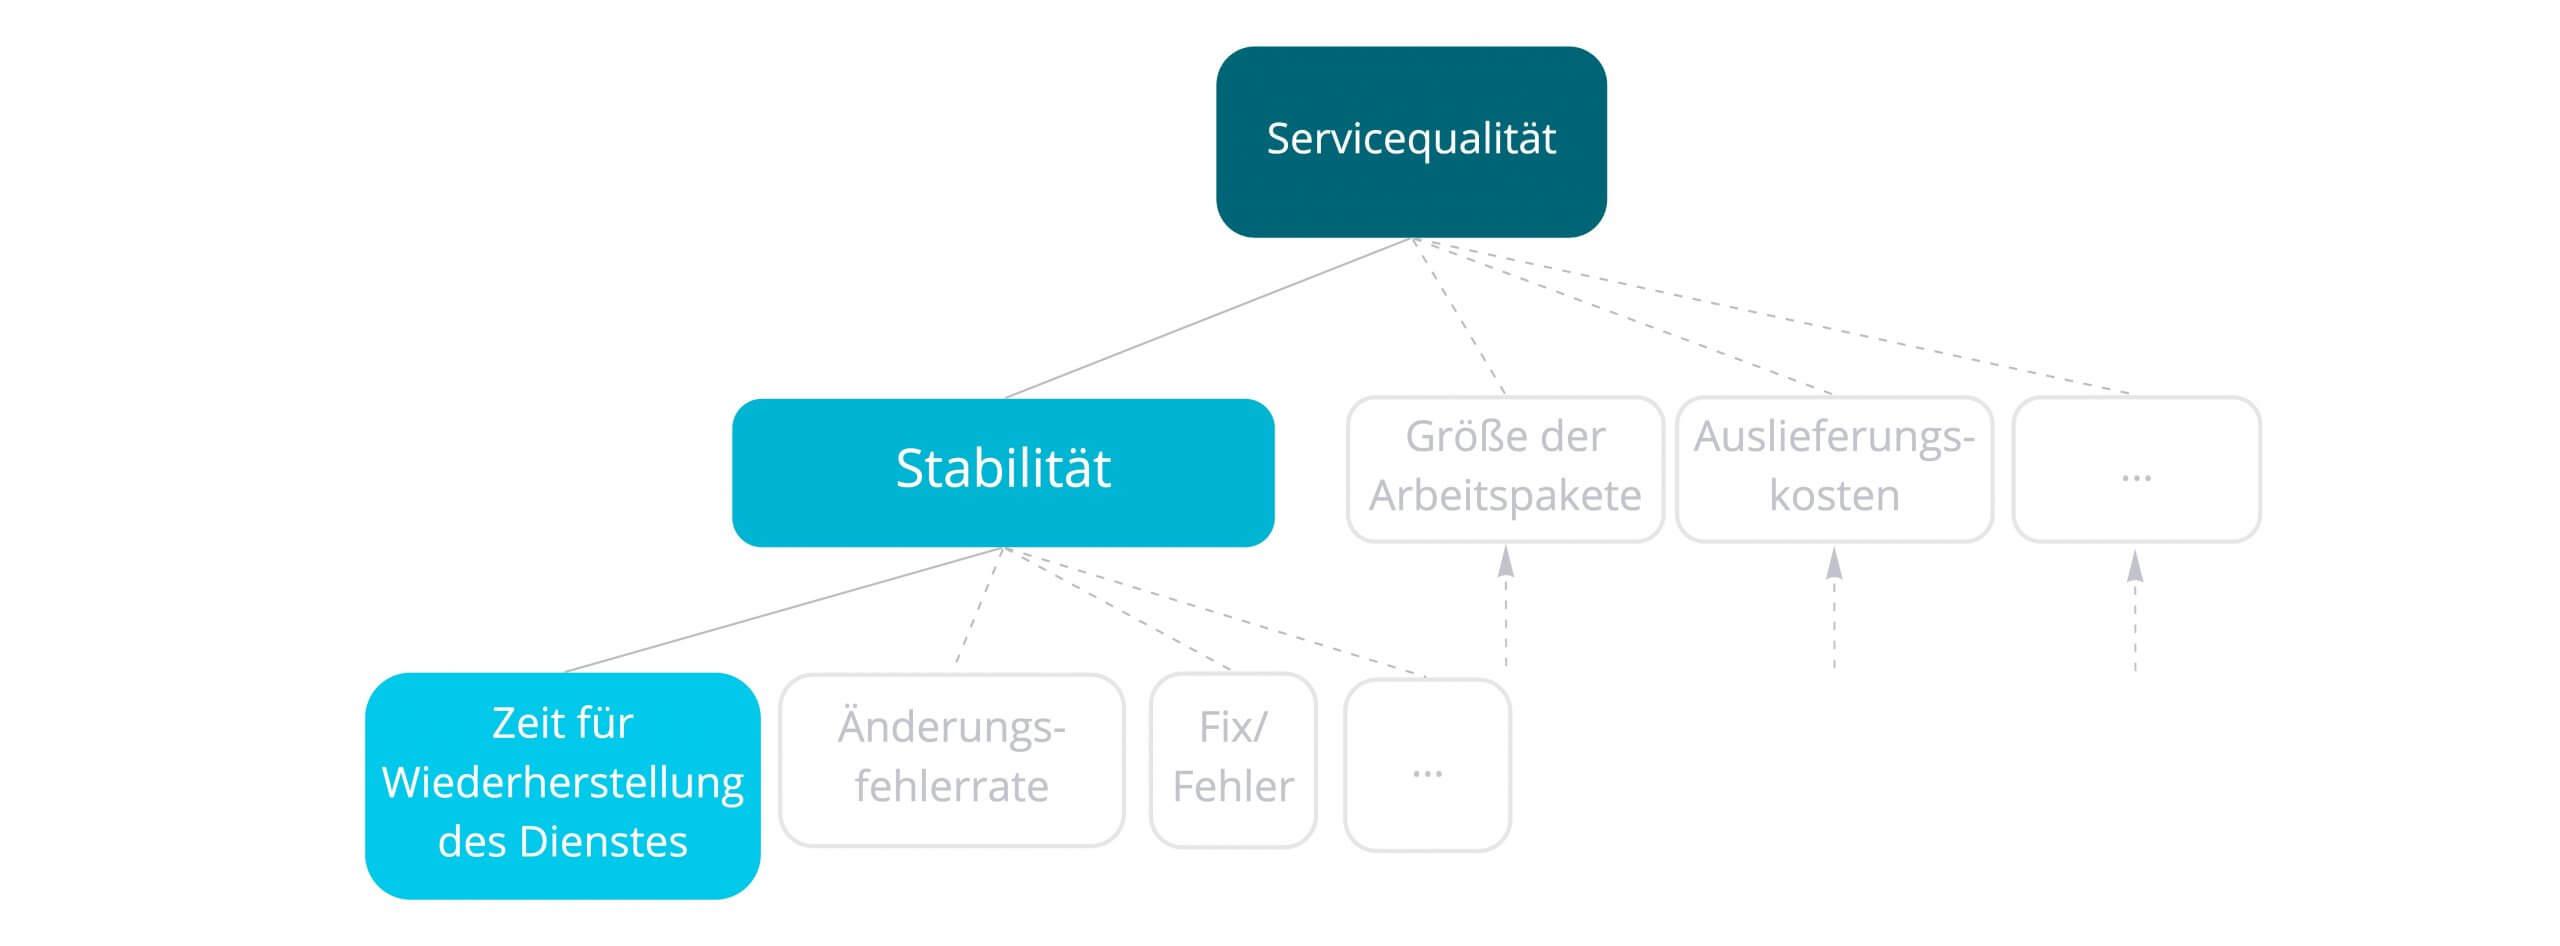 Wiederherstellungszeit für einen Dienst als Metrik für die Stabilität der Software und für Servicequalität